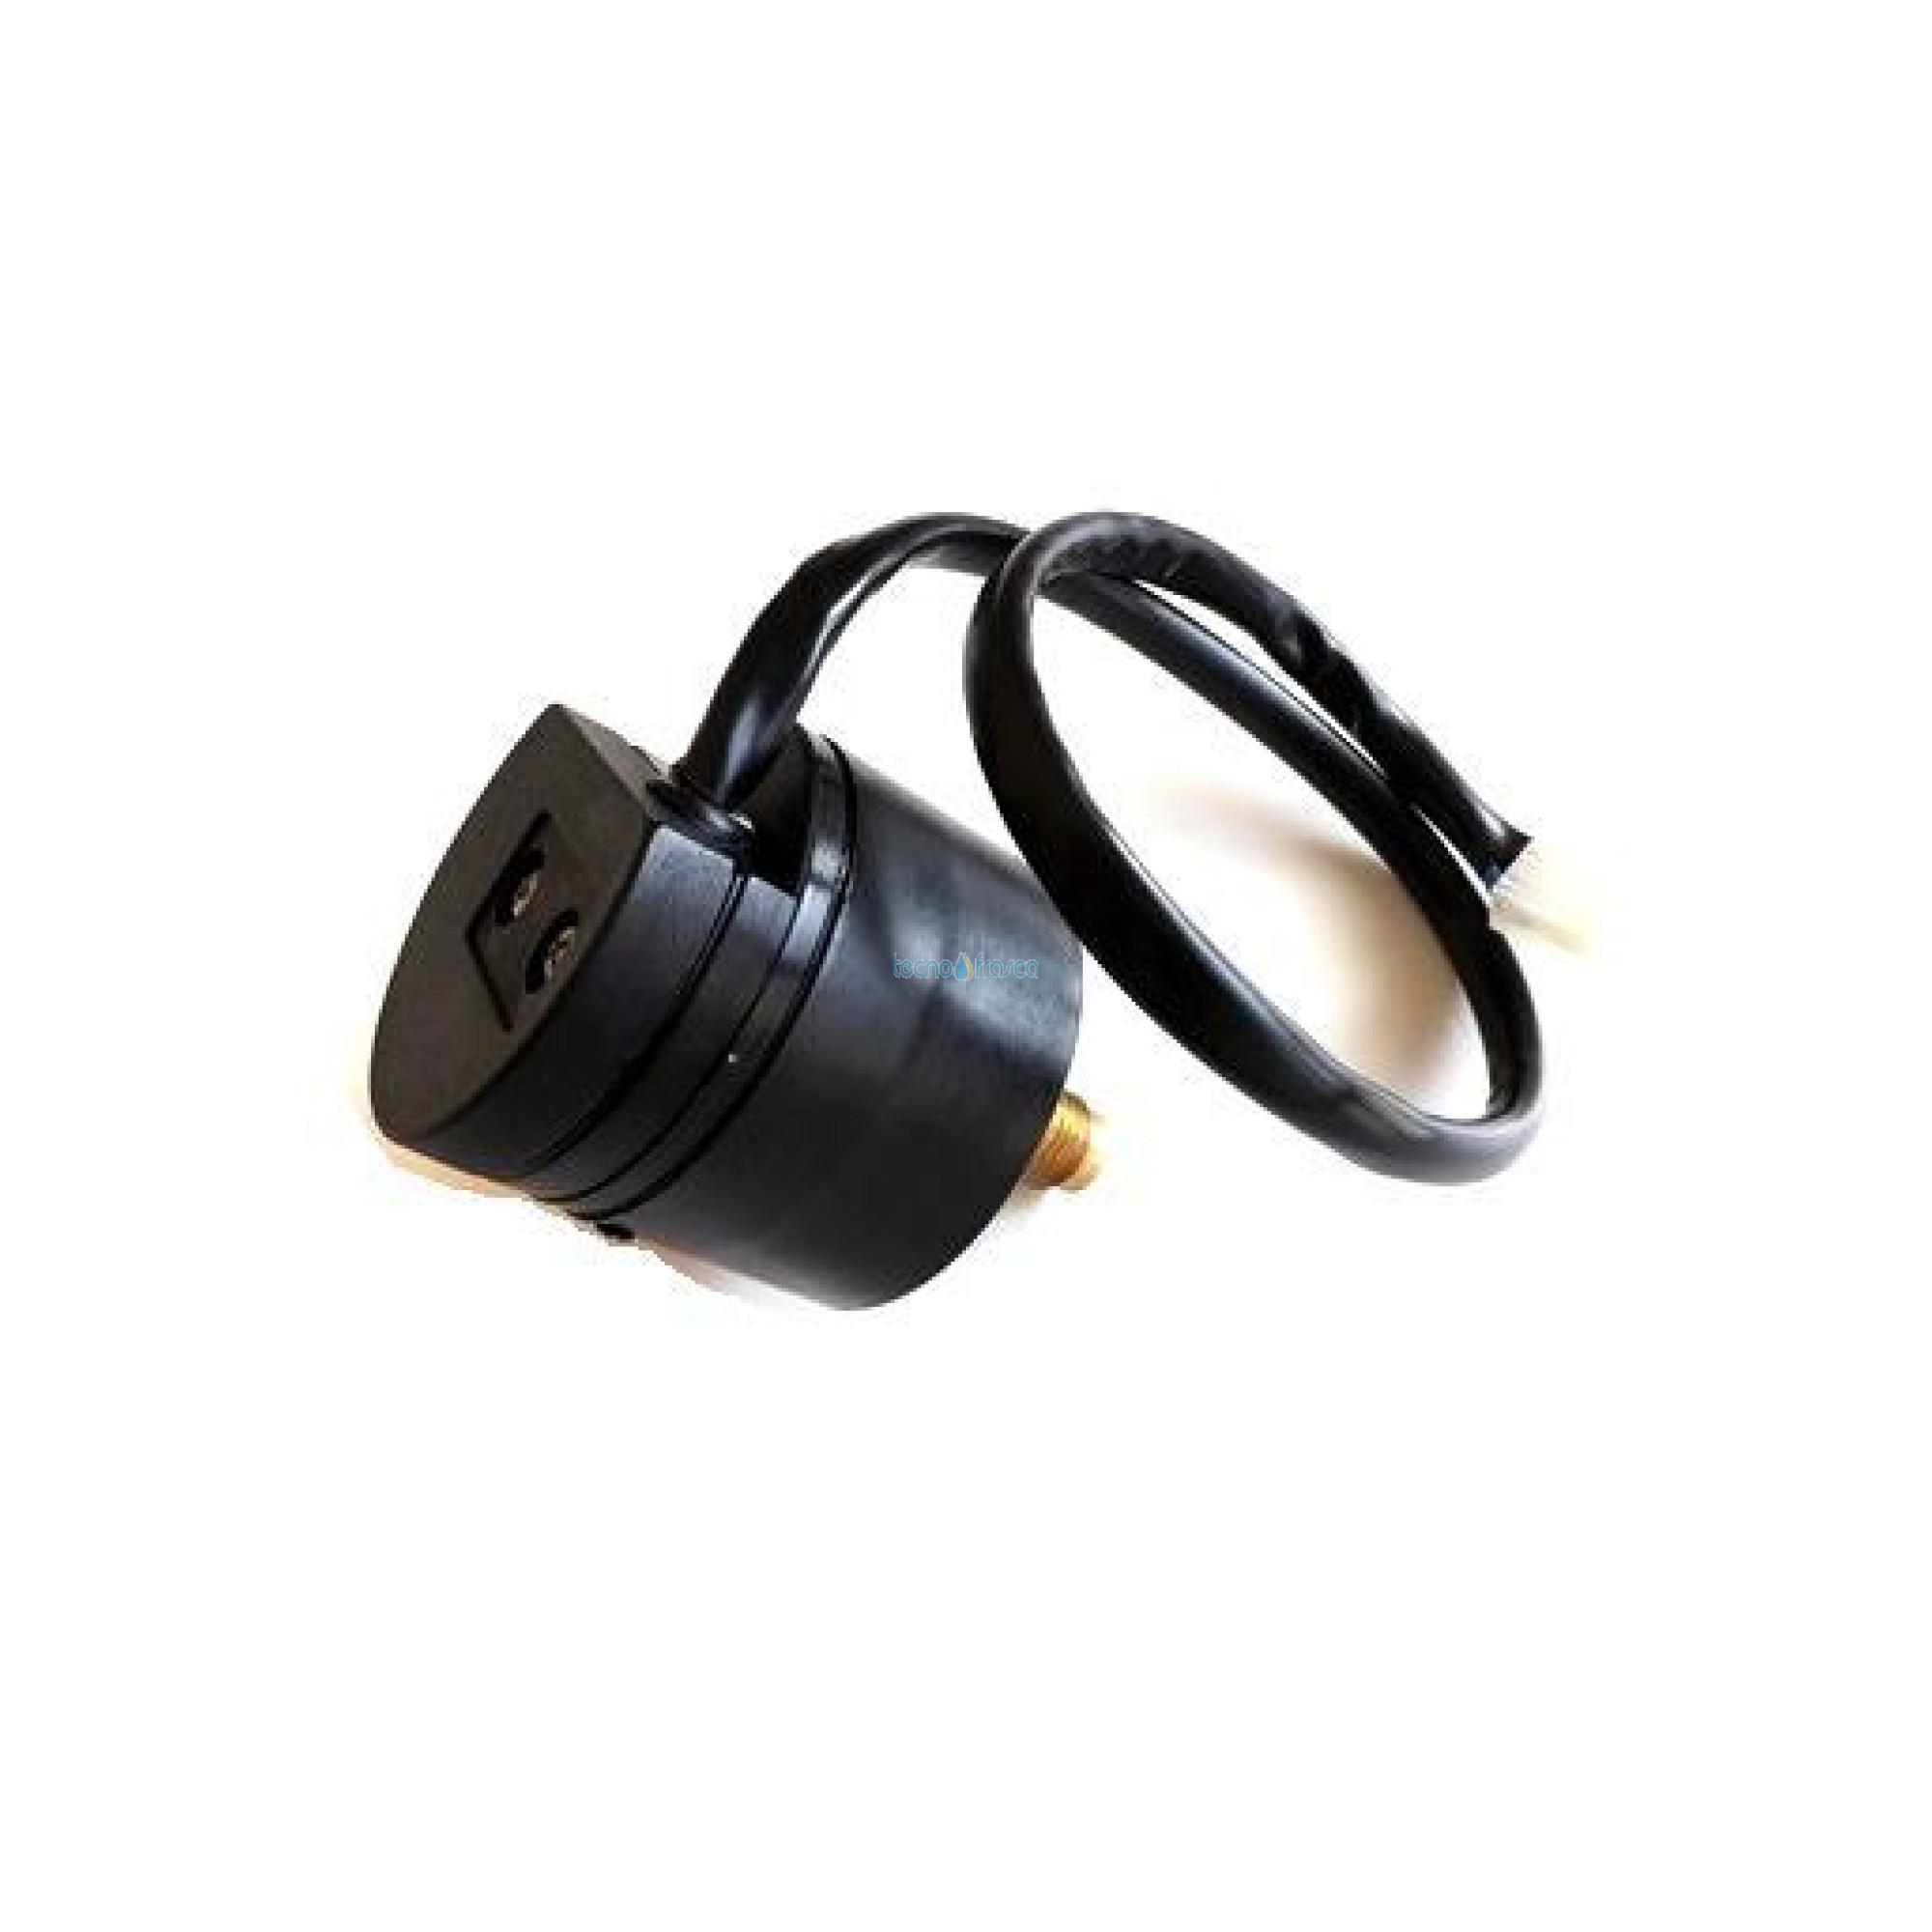 Baxi trasduttore di pressione jjr1221553500